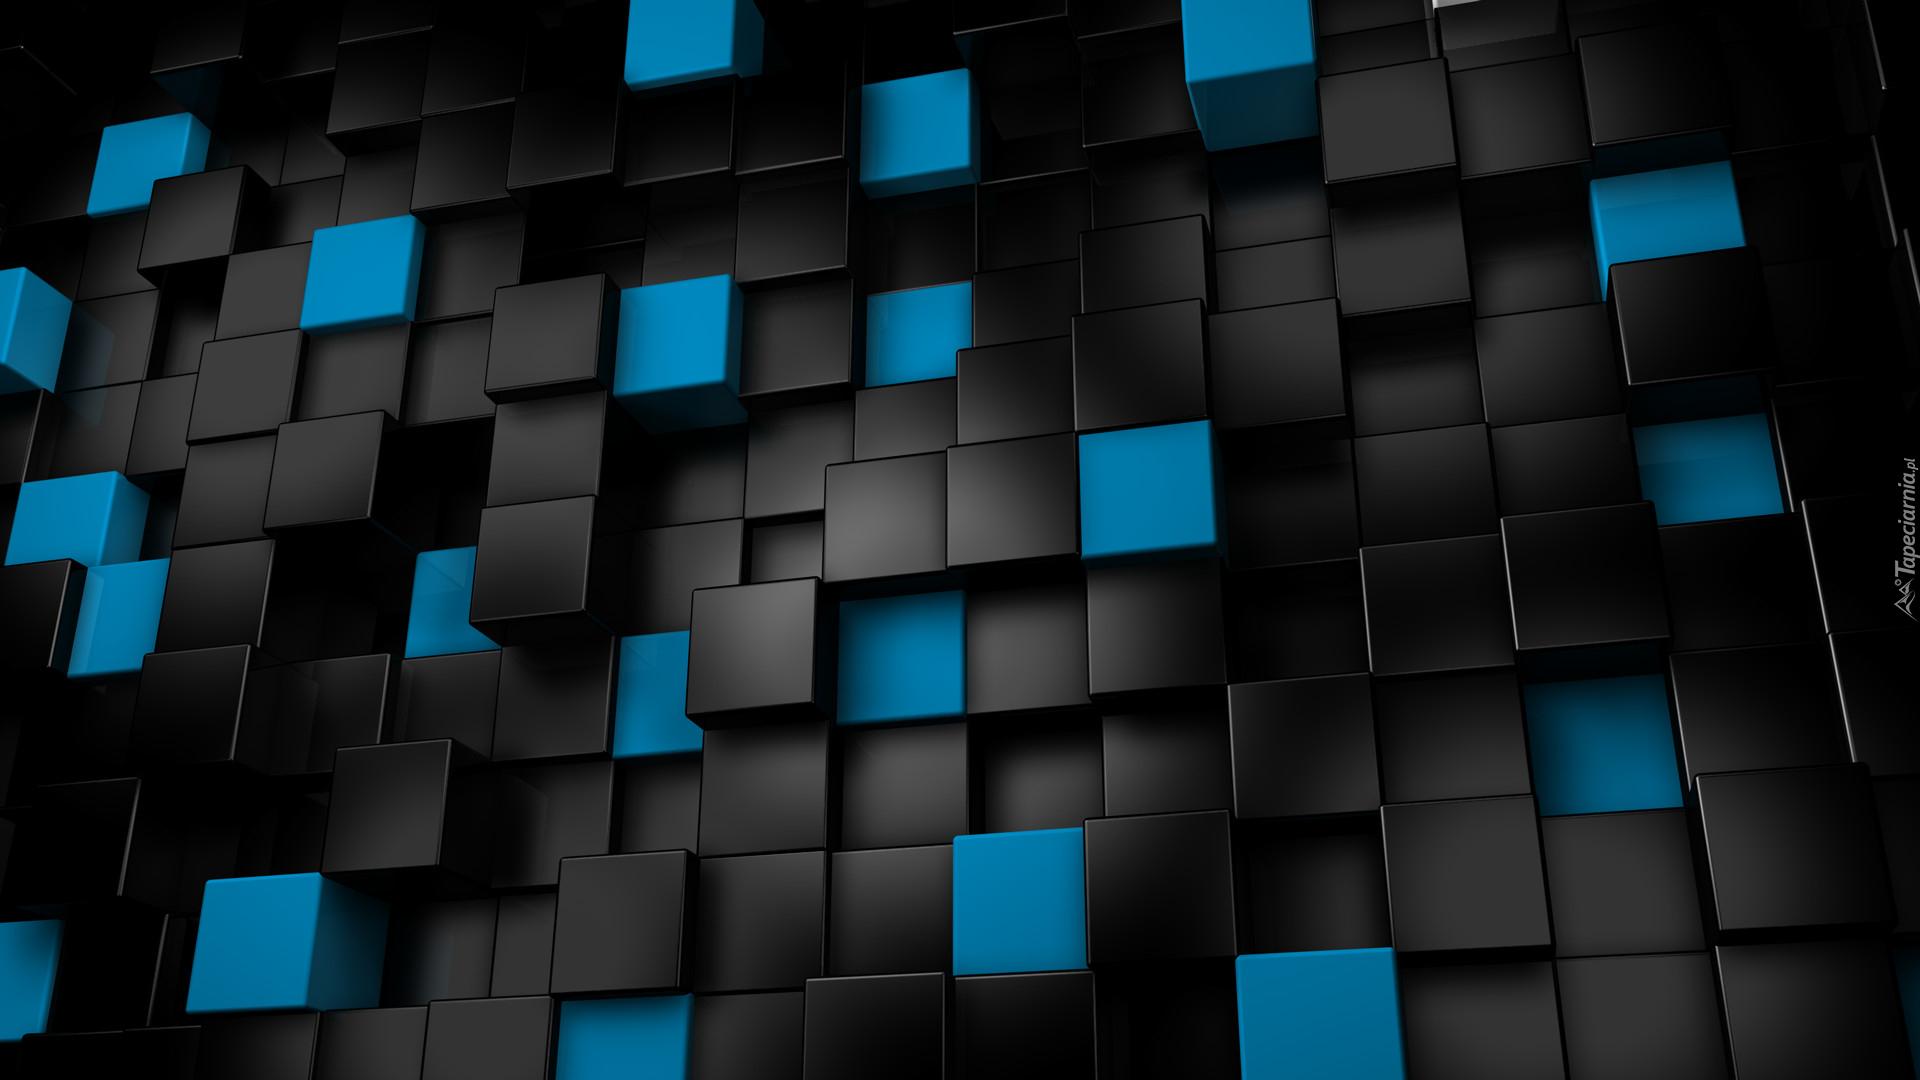 Czarne I Niebieskie Sześciany W 3d